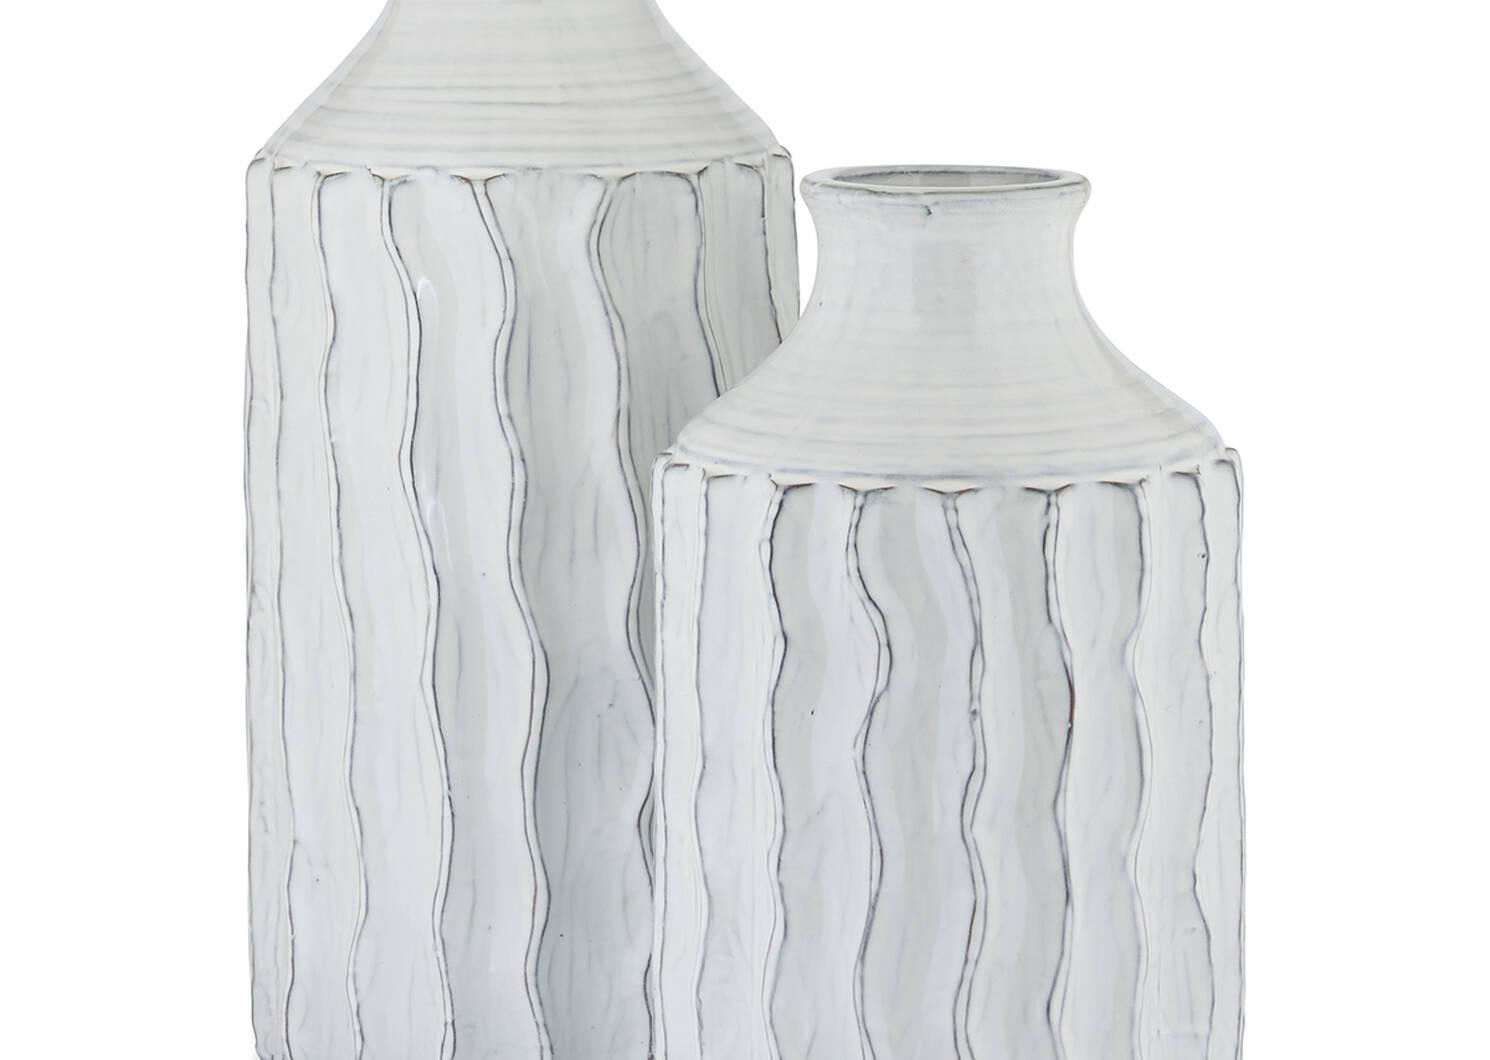 Theros Vase Small White/Black